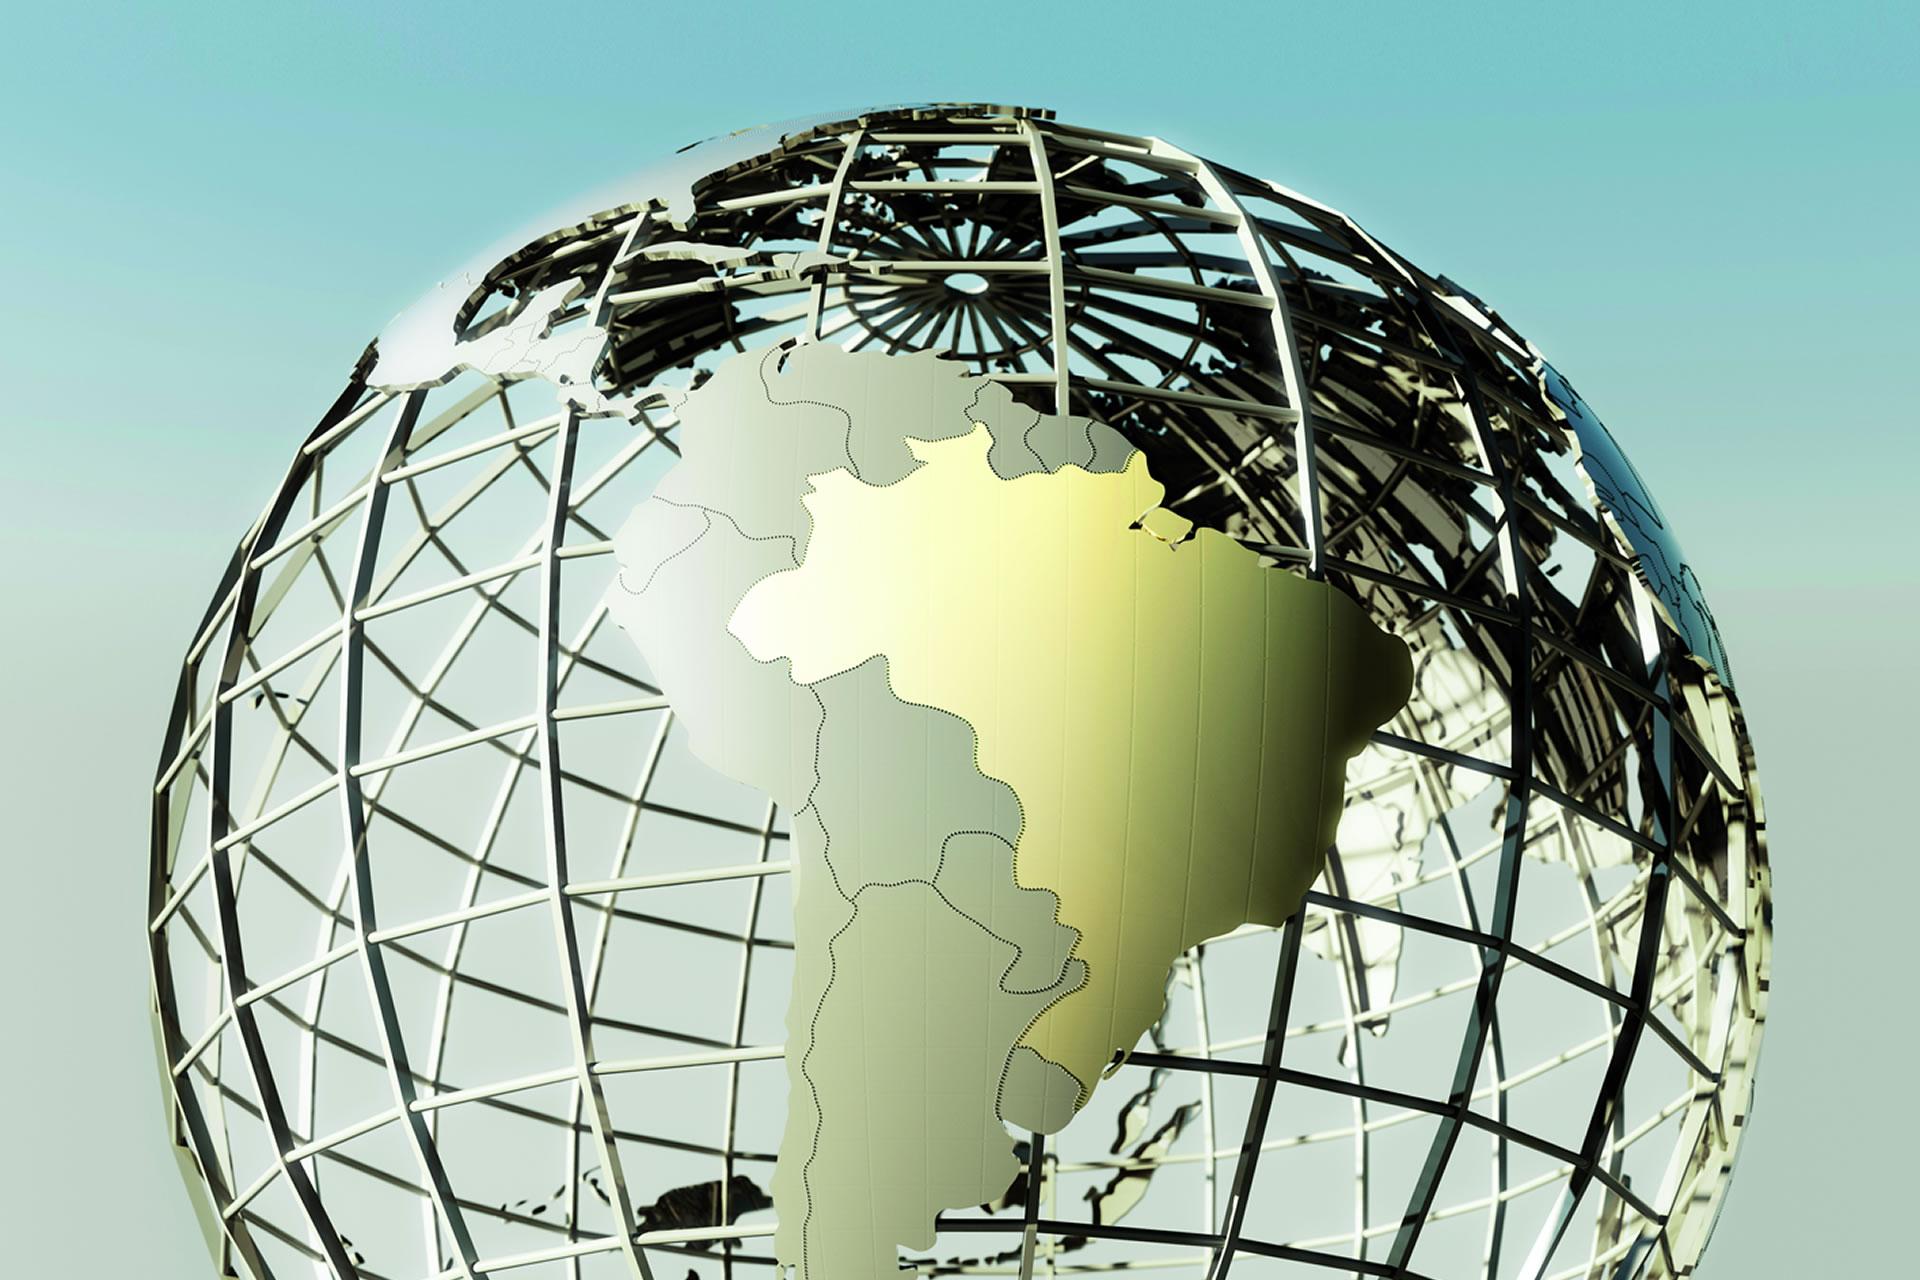 Franquias internacionais estão de olho no Brasil